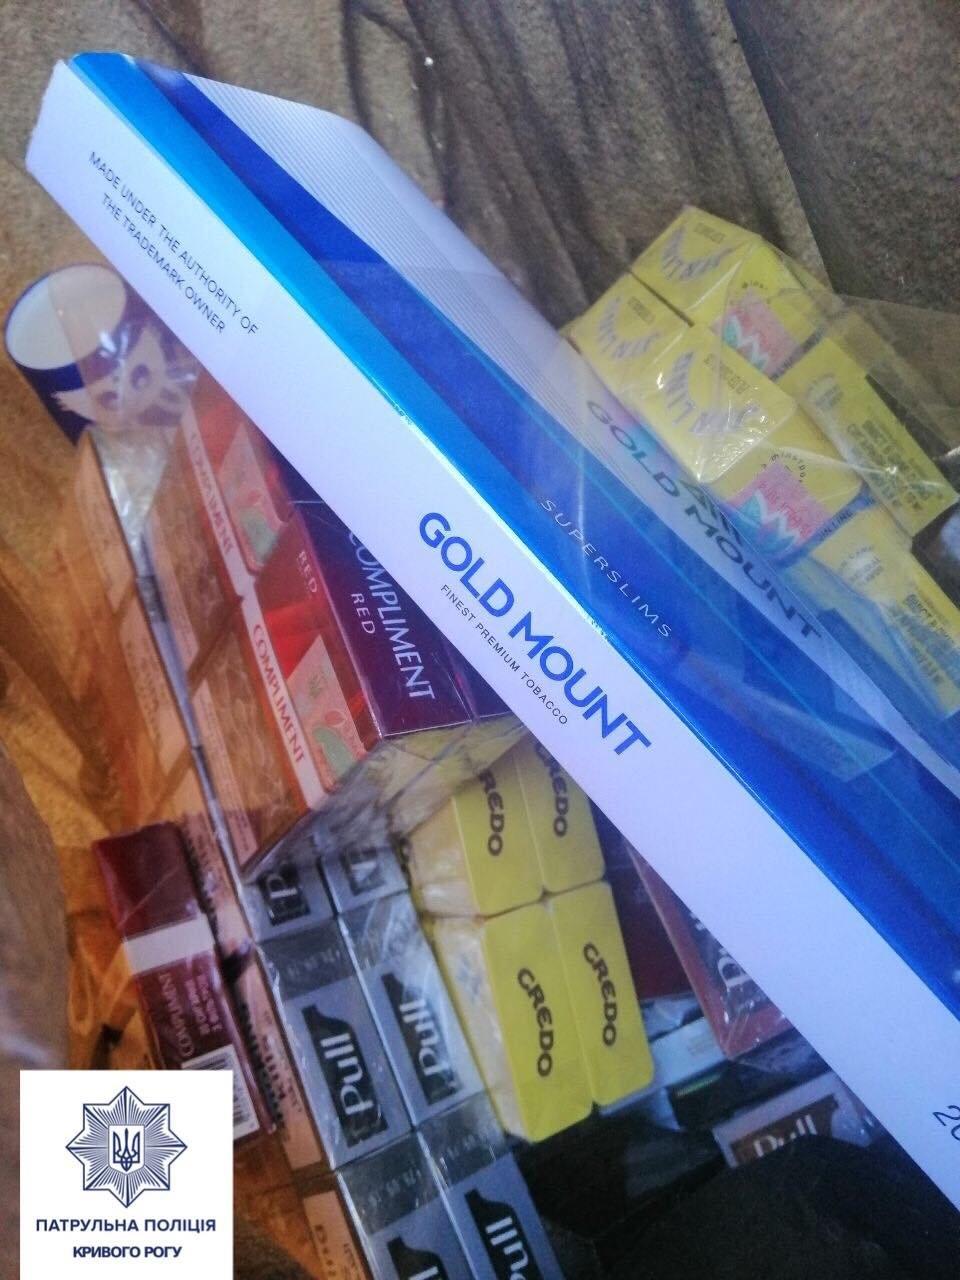 В Кривом Роге конфисковали коробки с контрабандным товаром, - ФОТО, фото-5